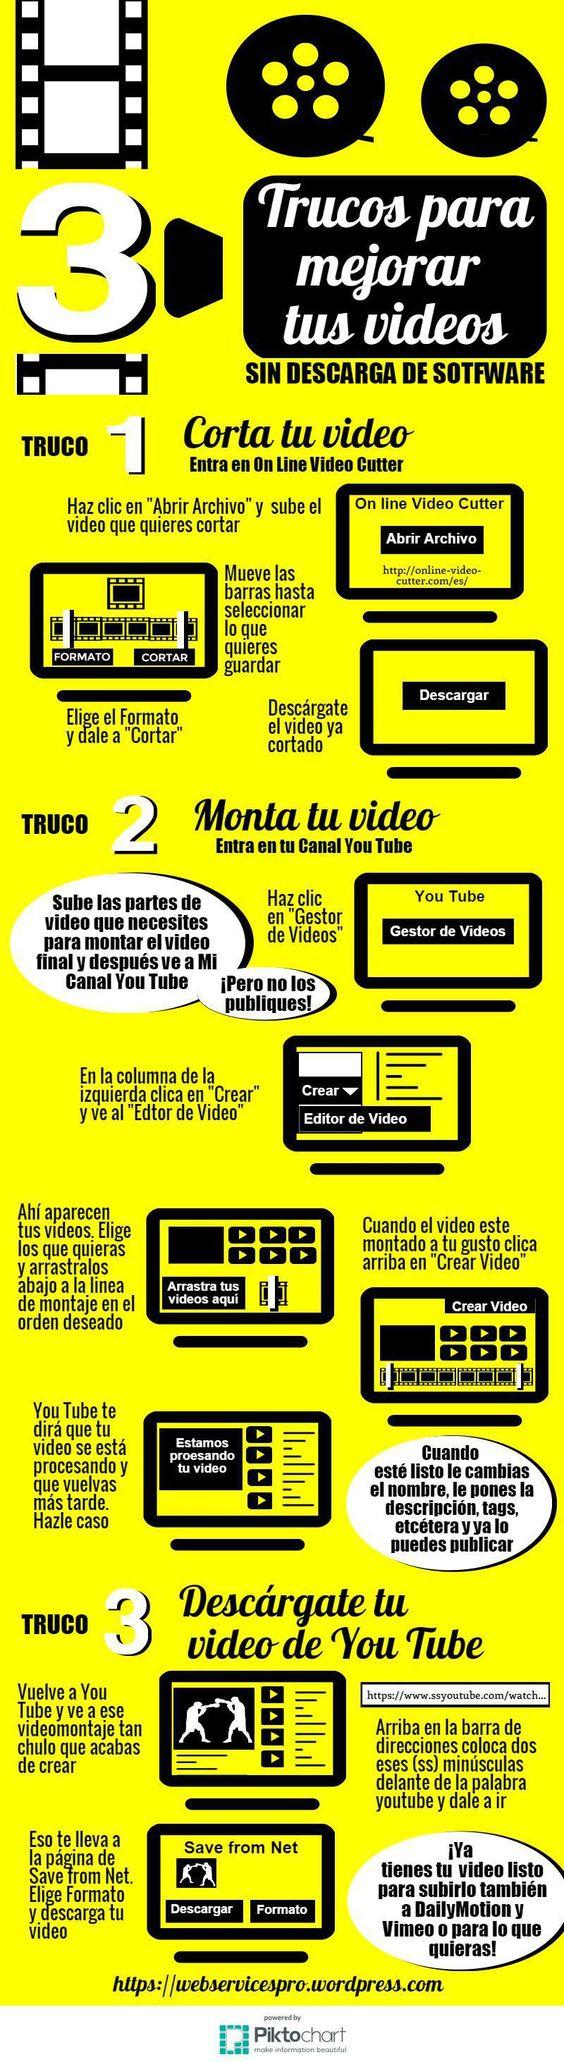 Para mejorar los vídeos sin necesidad de software. Herramienta útil 3 trucos para mejorar tus vídeos sin software